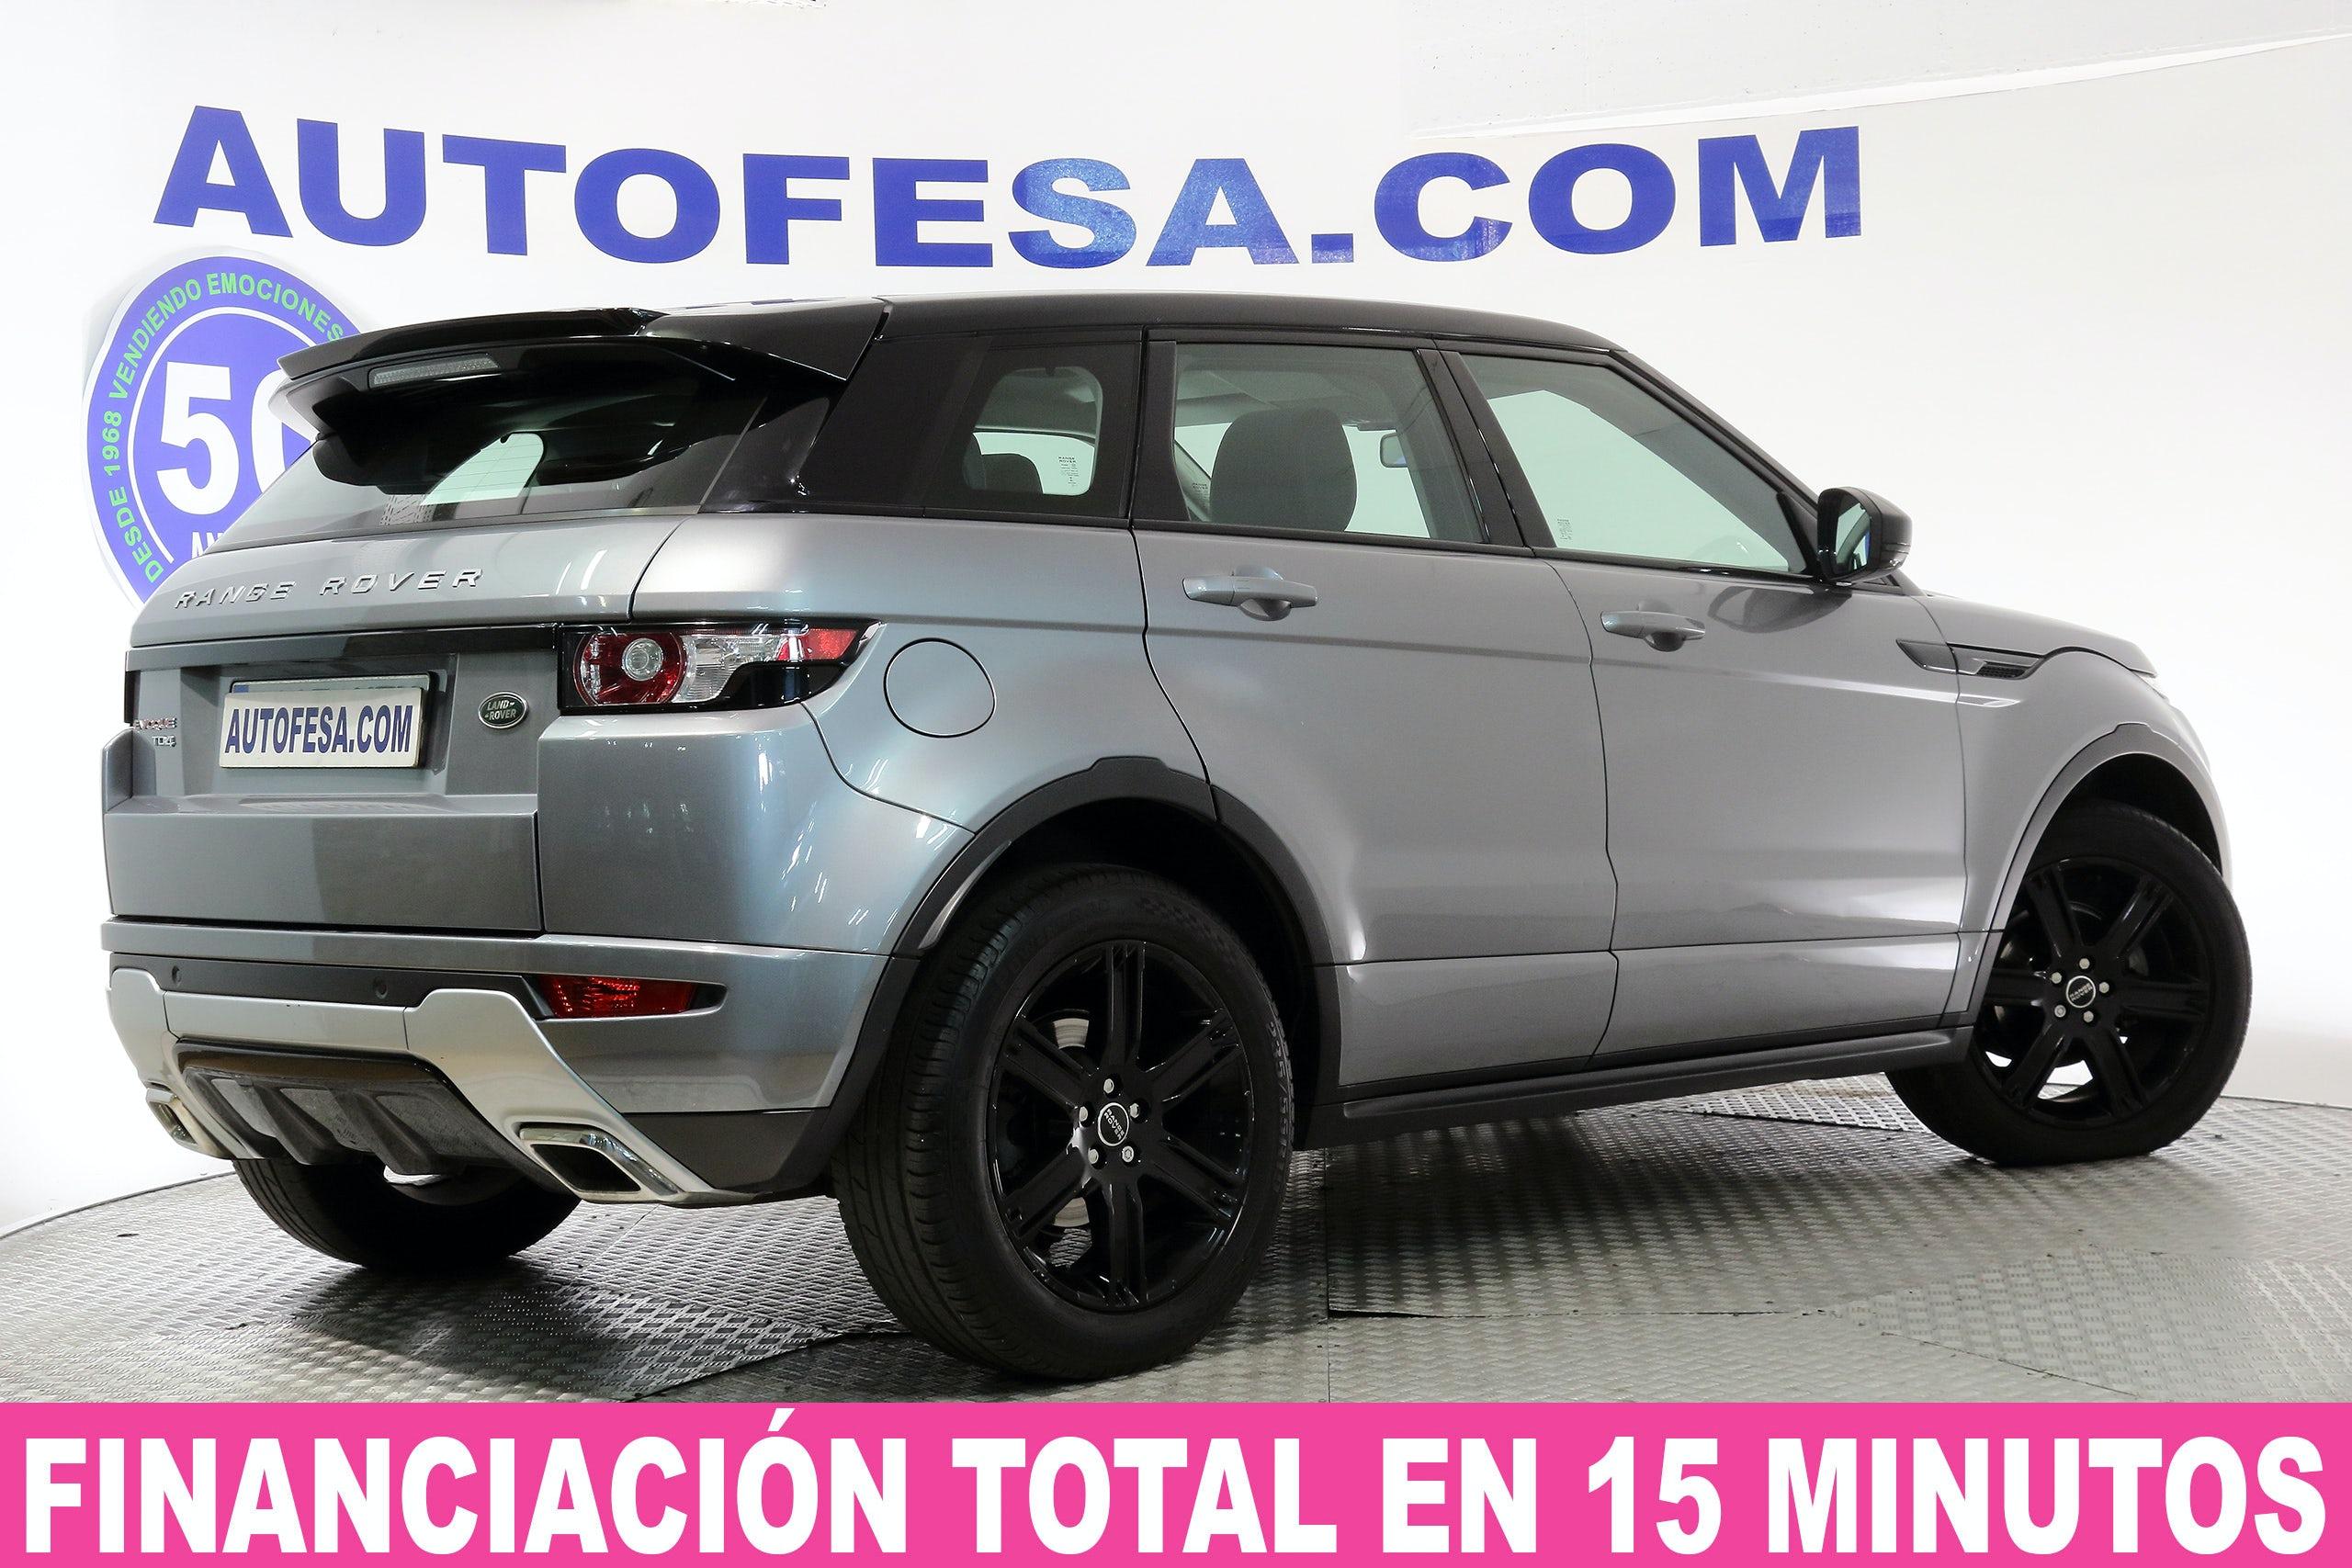 Land Rover Range Rover Evoque EVOQUE 2.2 L PRESTIGE AUTO 150CV 4X4 5P - Foto 5